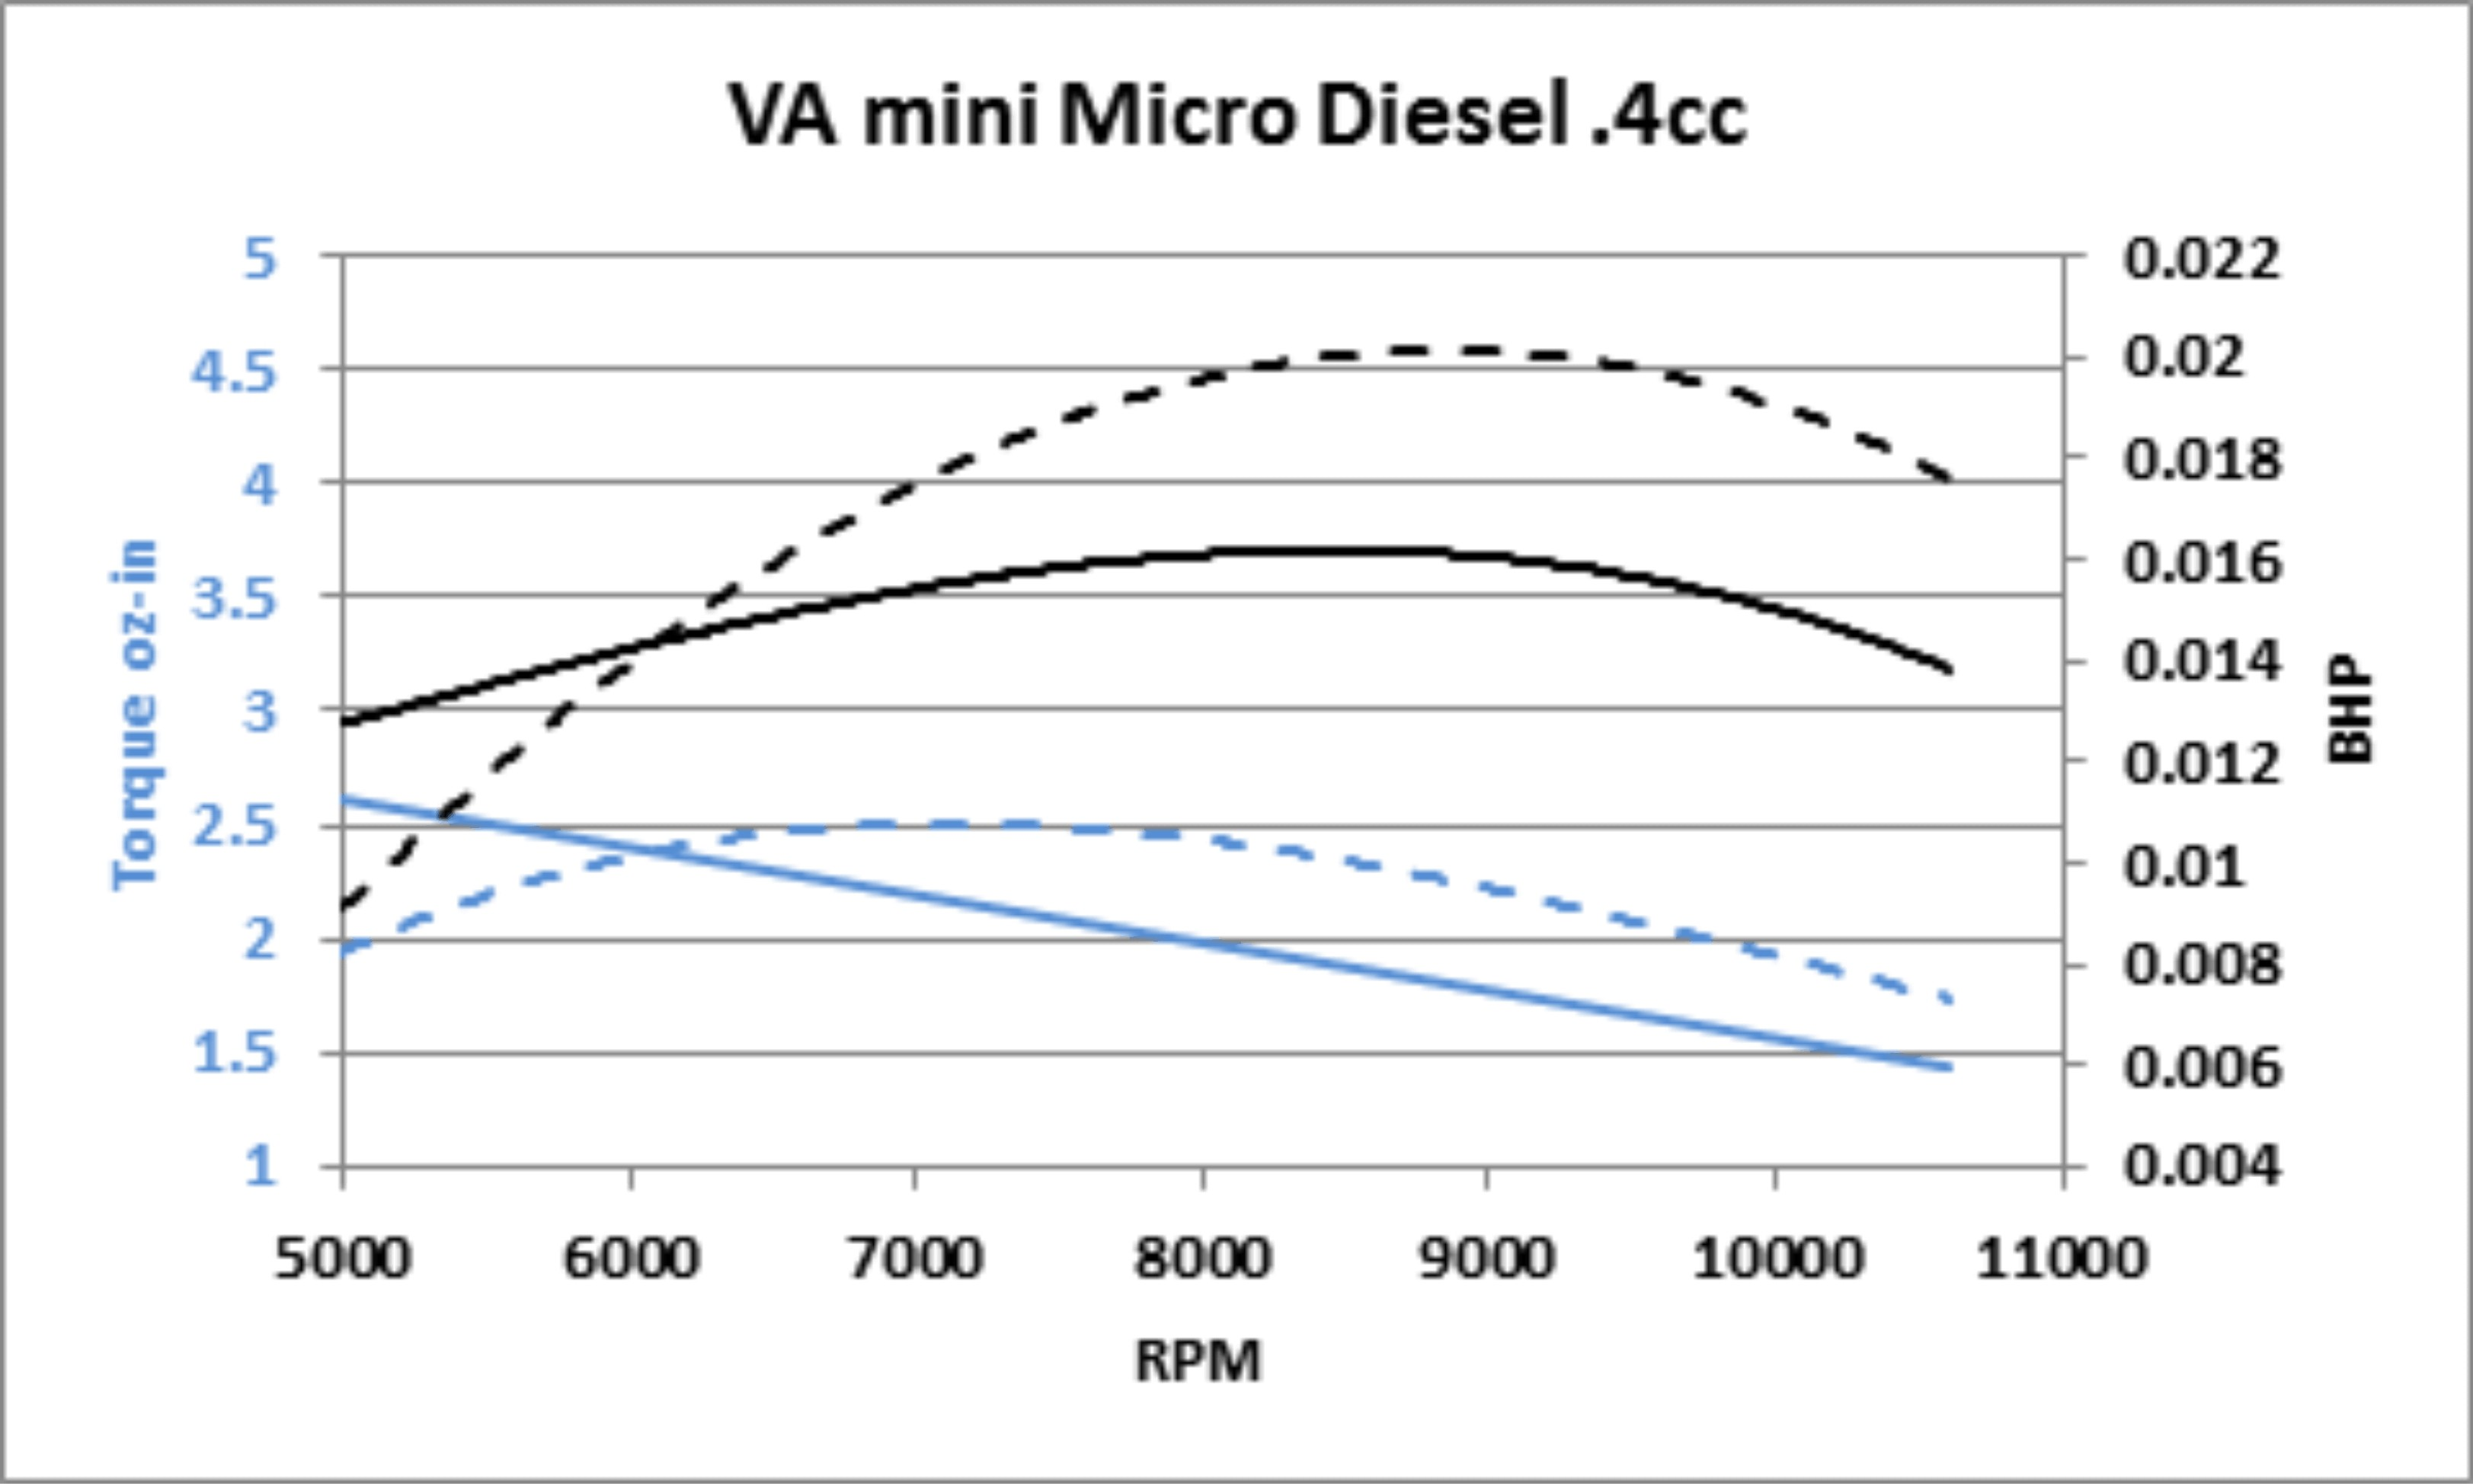 4 Stroke Engine Timing Diagram Adriansmodelaeroengines Va Mini Micro Diesel Of 4 Stroke Engine Timing Diagram